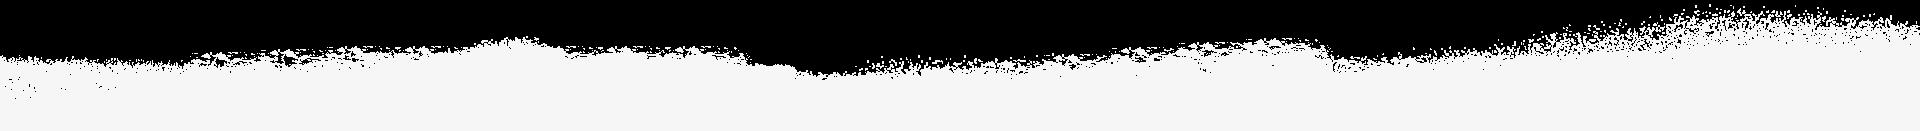 White gradient background